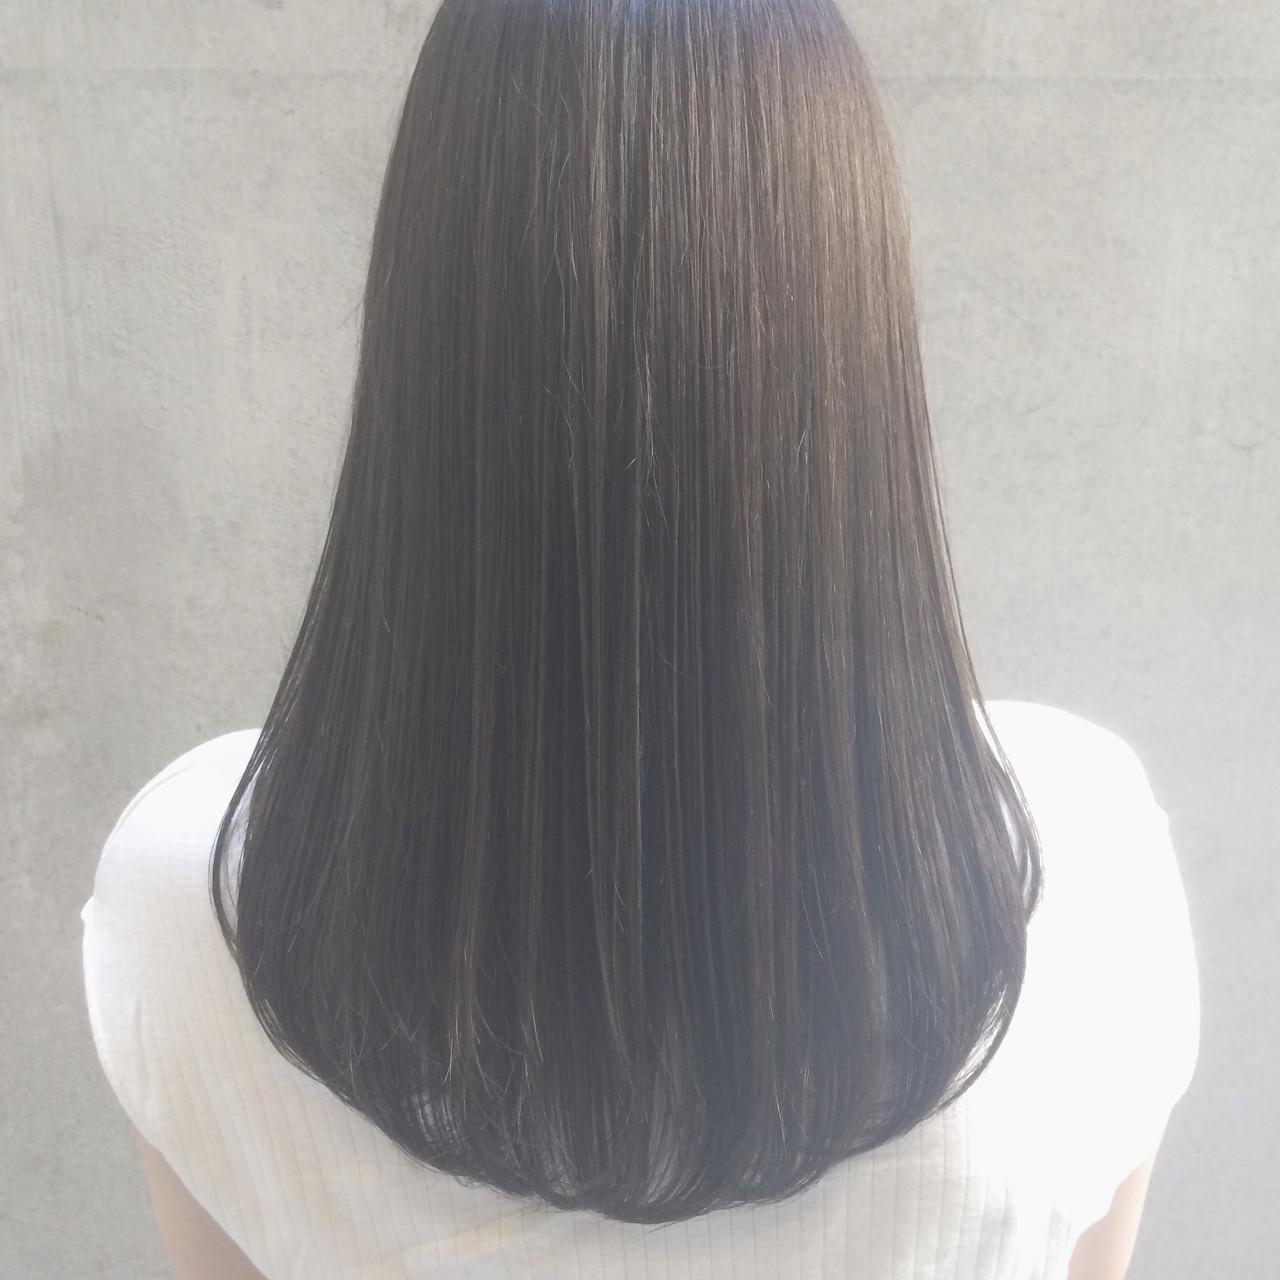 ナチュラル ストレート パーマ セミロング ヘアスタイルや髪型の写真・画像   Tierra / 町田雄一 / Tierra harajuku